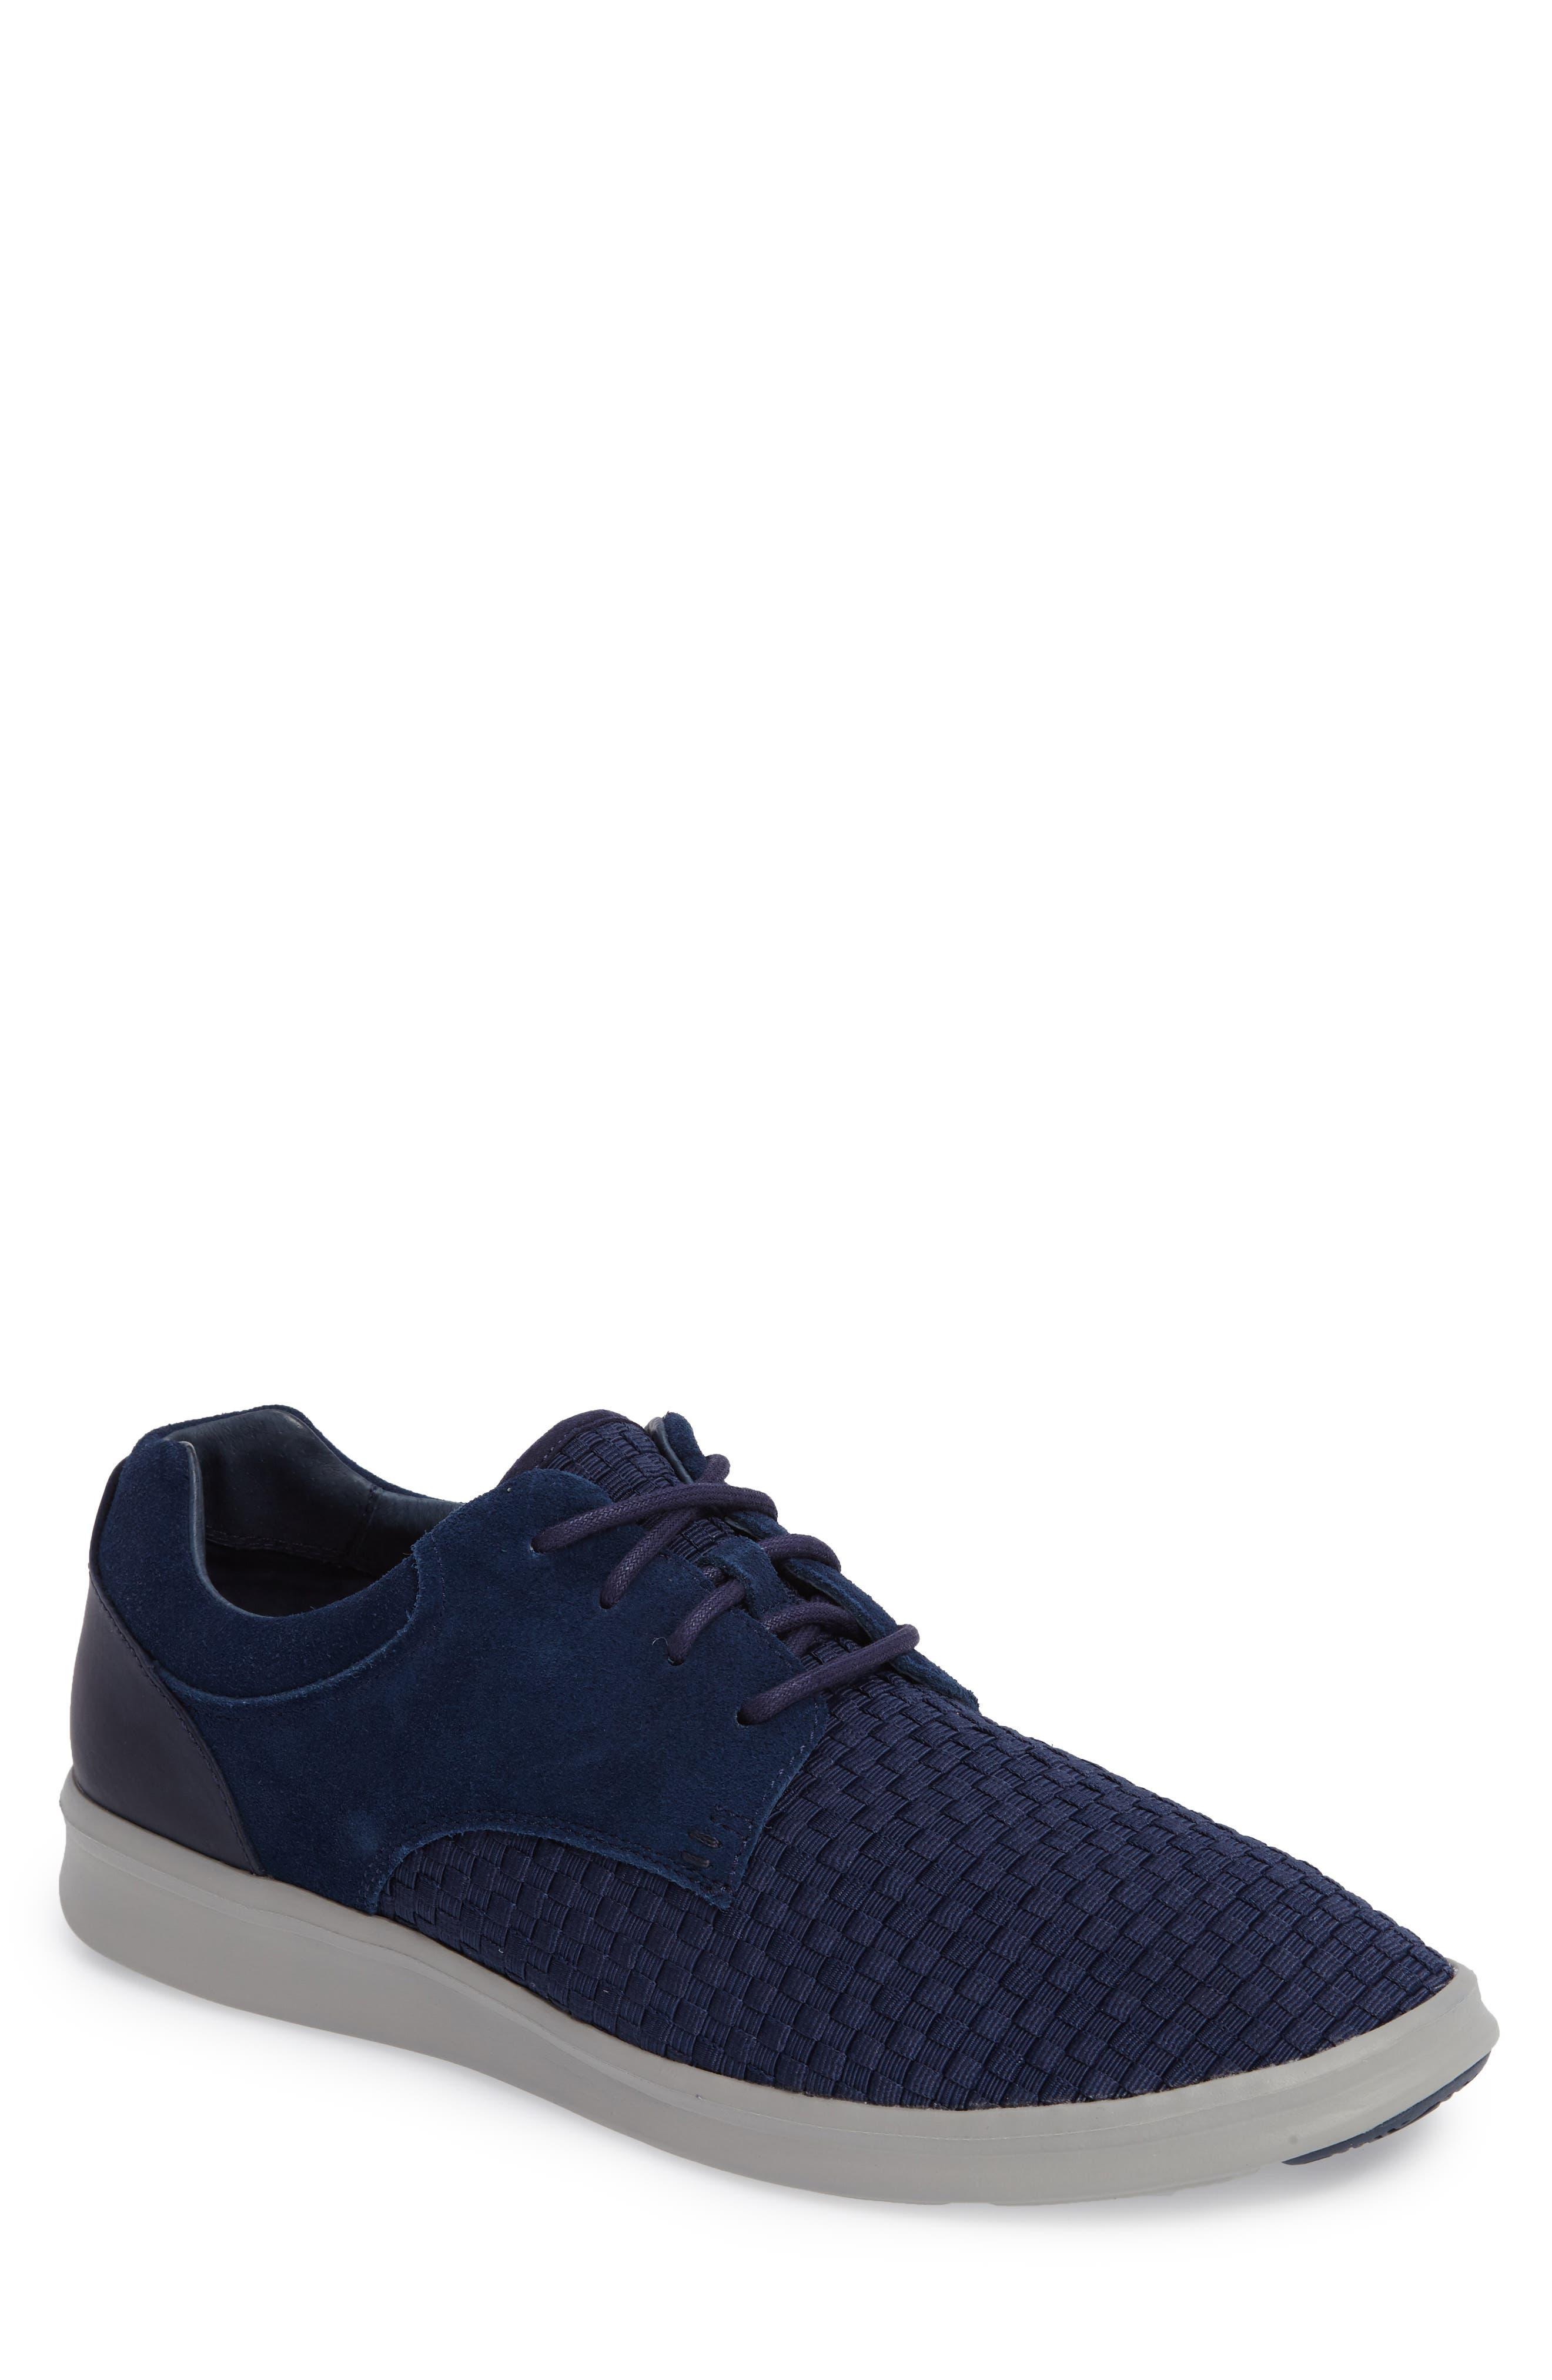 'Hepner' Woven Sneaker,                         Main,                         color, New Navy